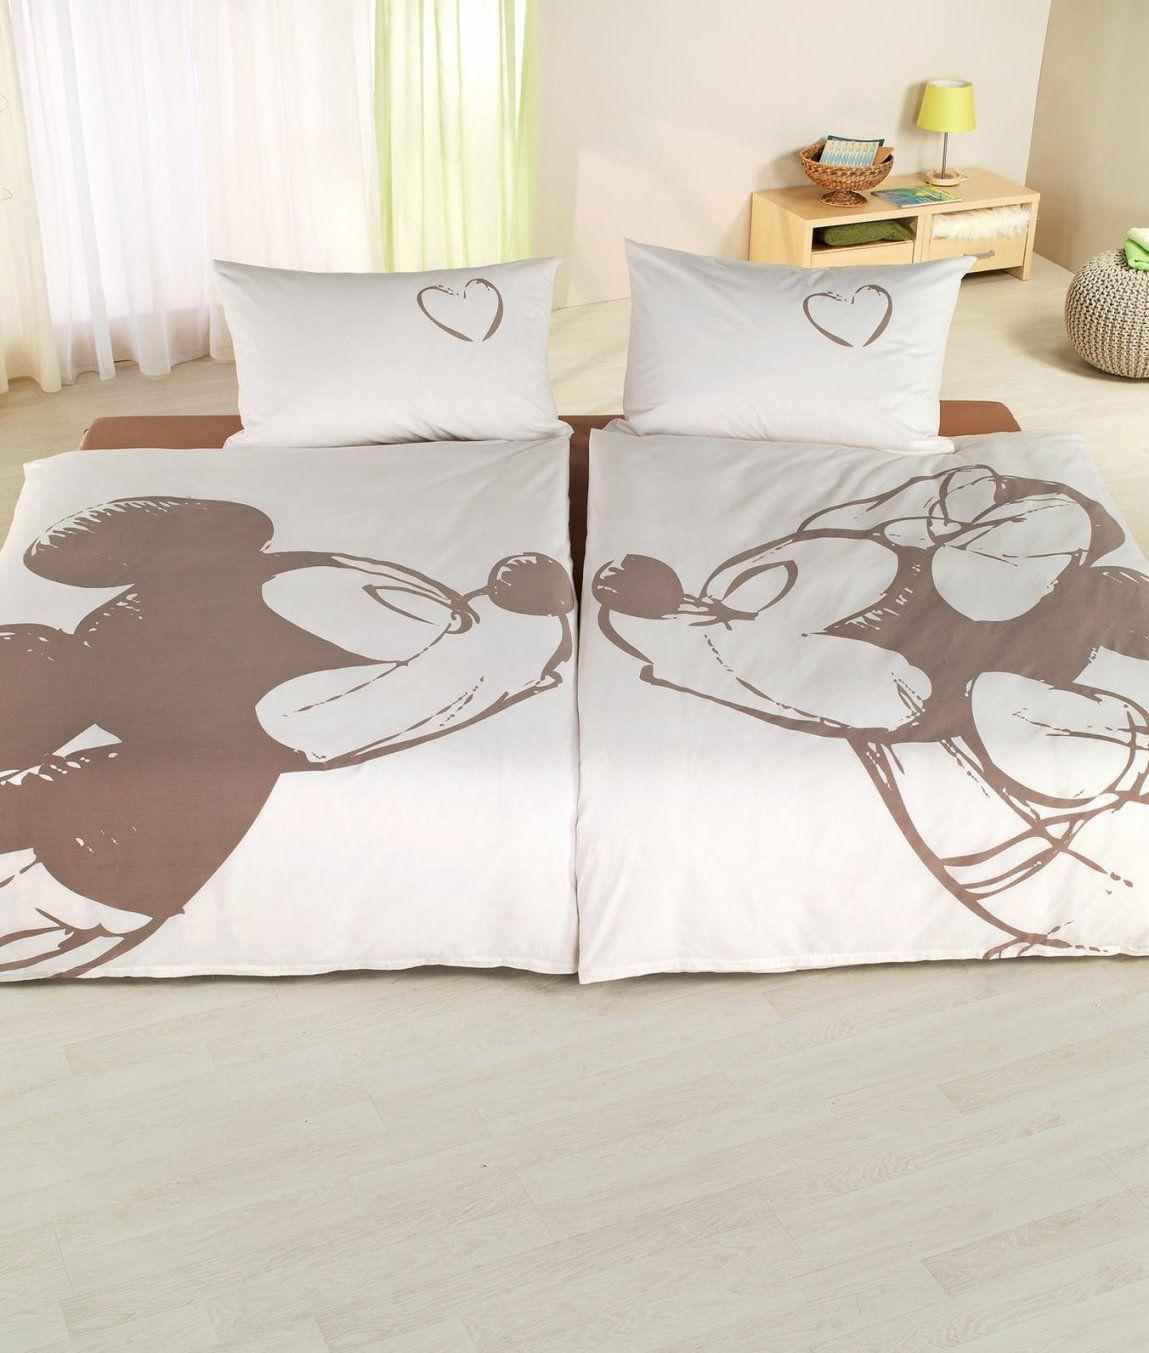 Mickey Mouse Partnerbettwäsche Im 2Erset Kaufen  Angela Bruderer von Micky Und Minni Bettwäsche Photo